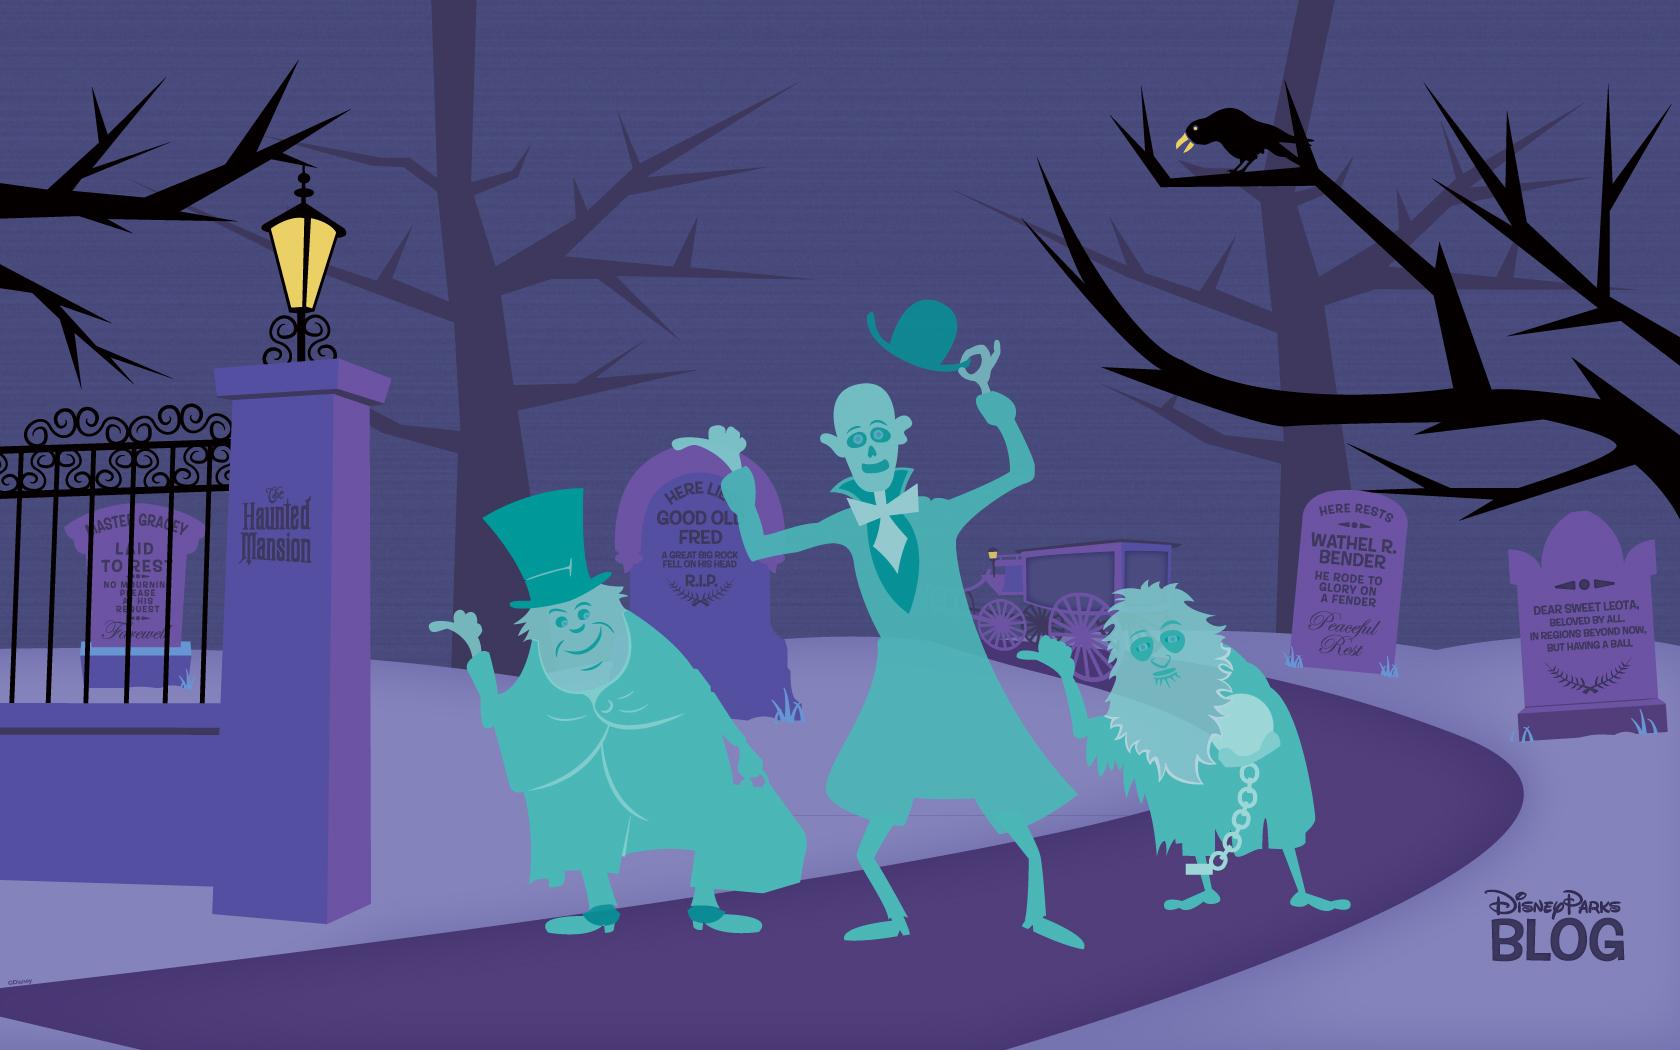 Halloween Desktop Wallpapers | Disney Parks Blog